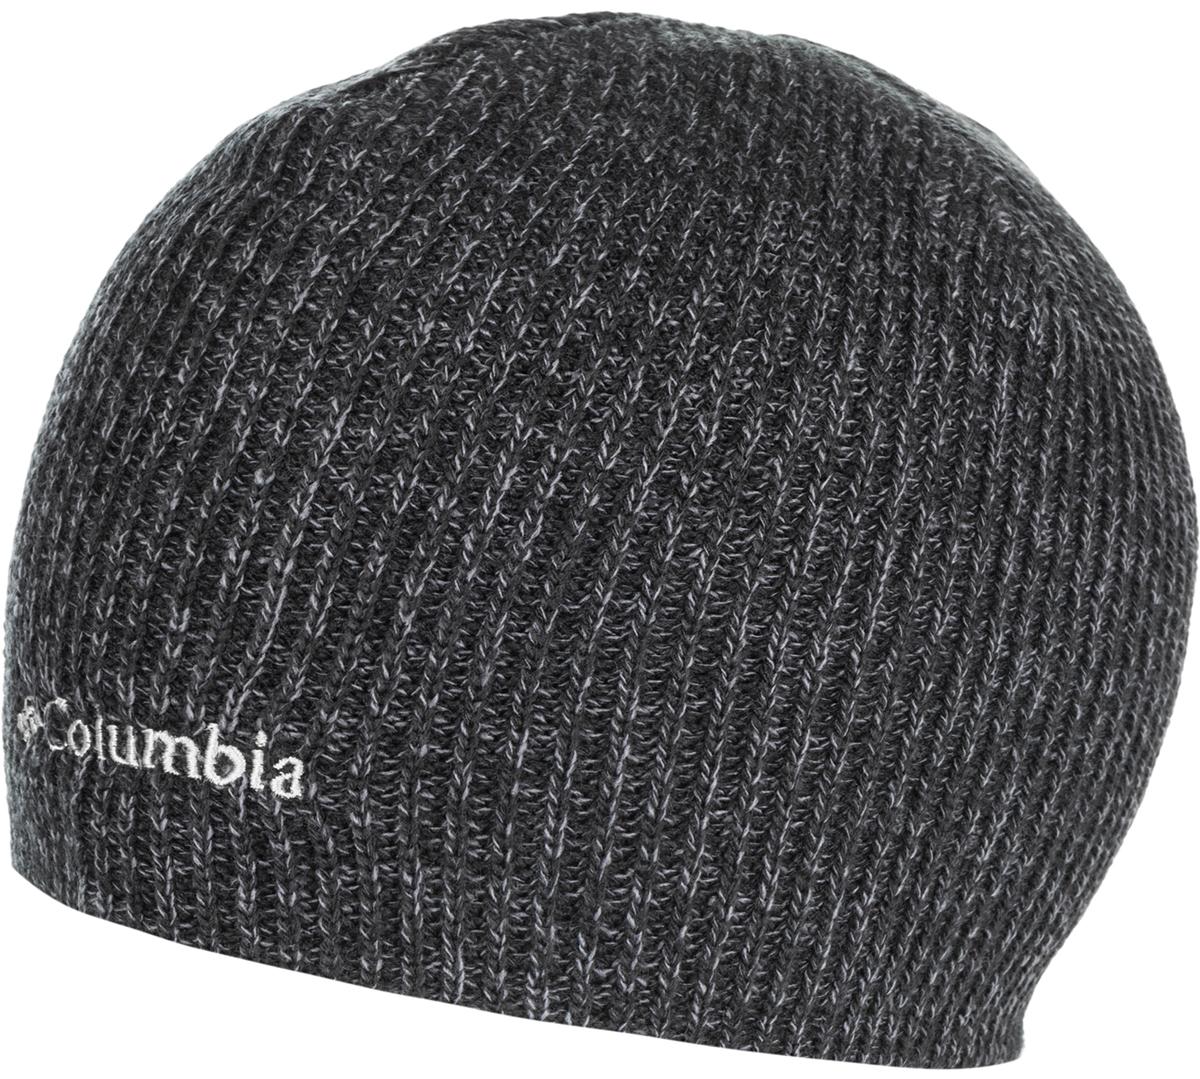 Шапка муж Columbia Whirlibird Watch Cap Beanie, цвет: темно-серый. 1185181-016. Размер универсальный1185181-016Данная модель шапки прекрасно подойдет для городской жизни и поездок за город. Модель оформлена вышитым логотипом бренда.